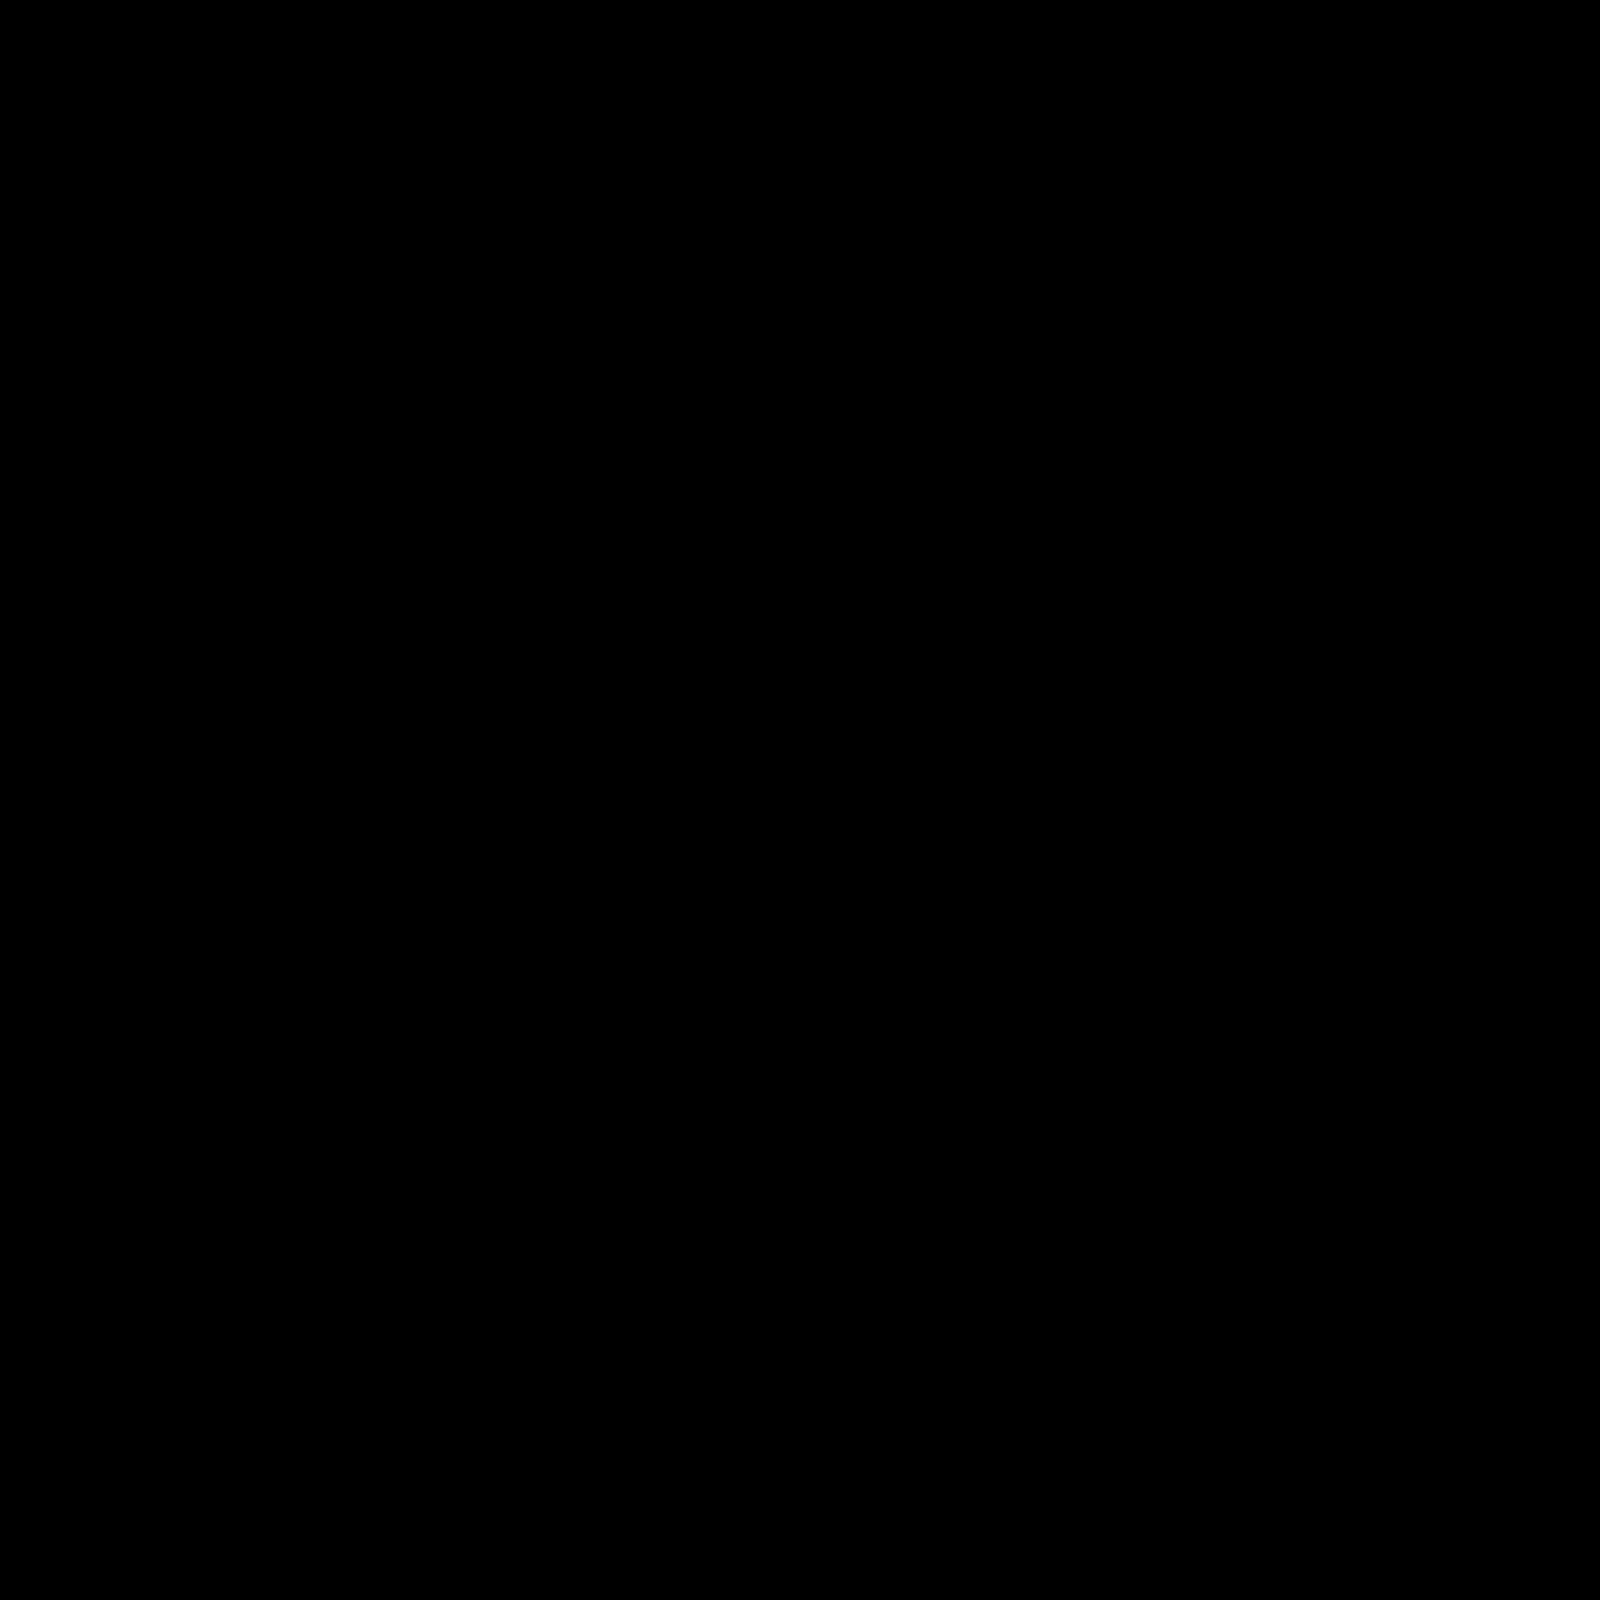 1600x1600 Web Design Icon